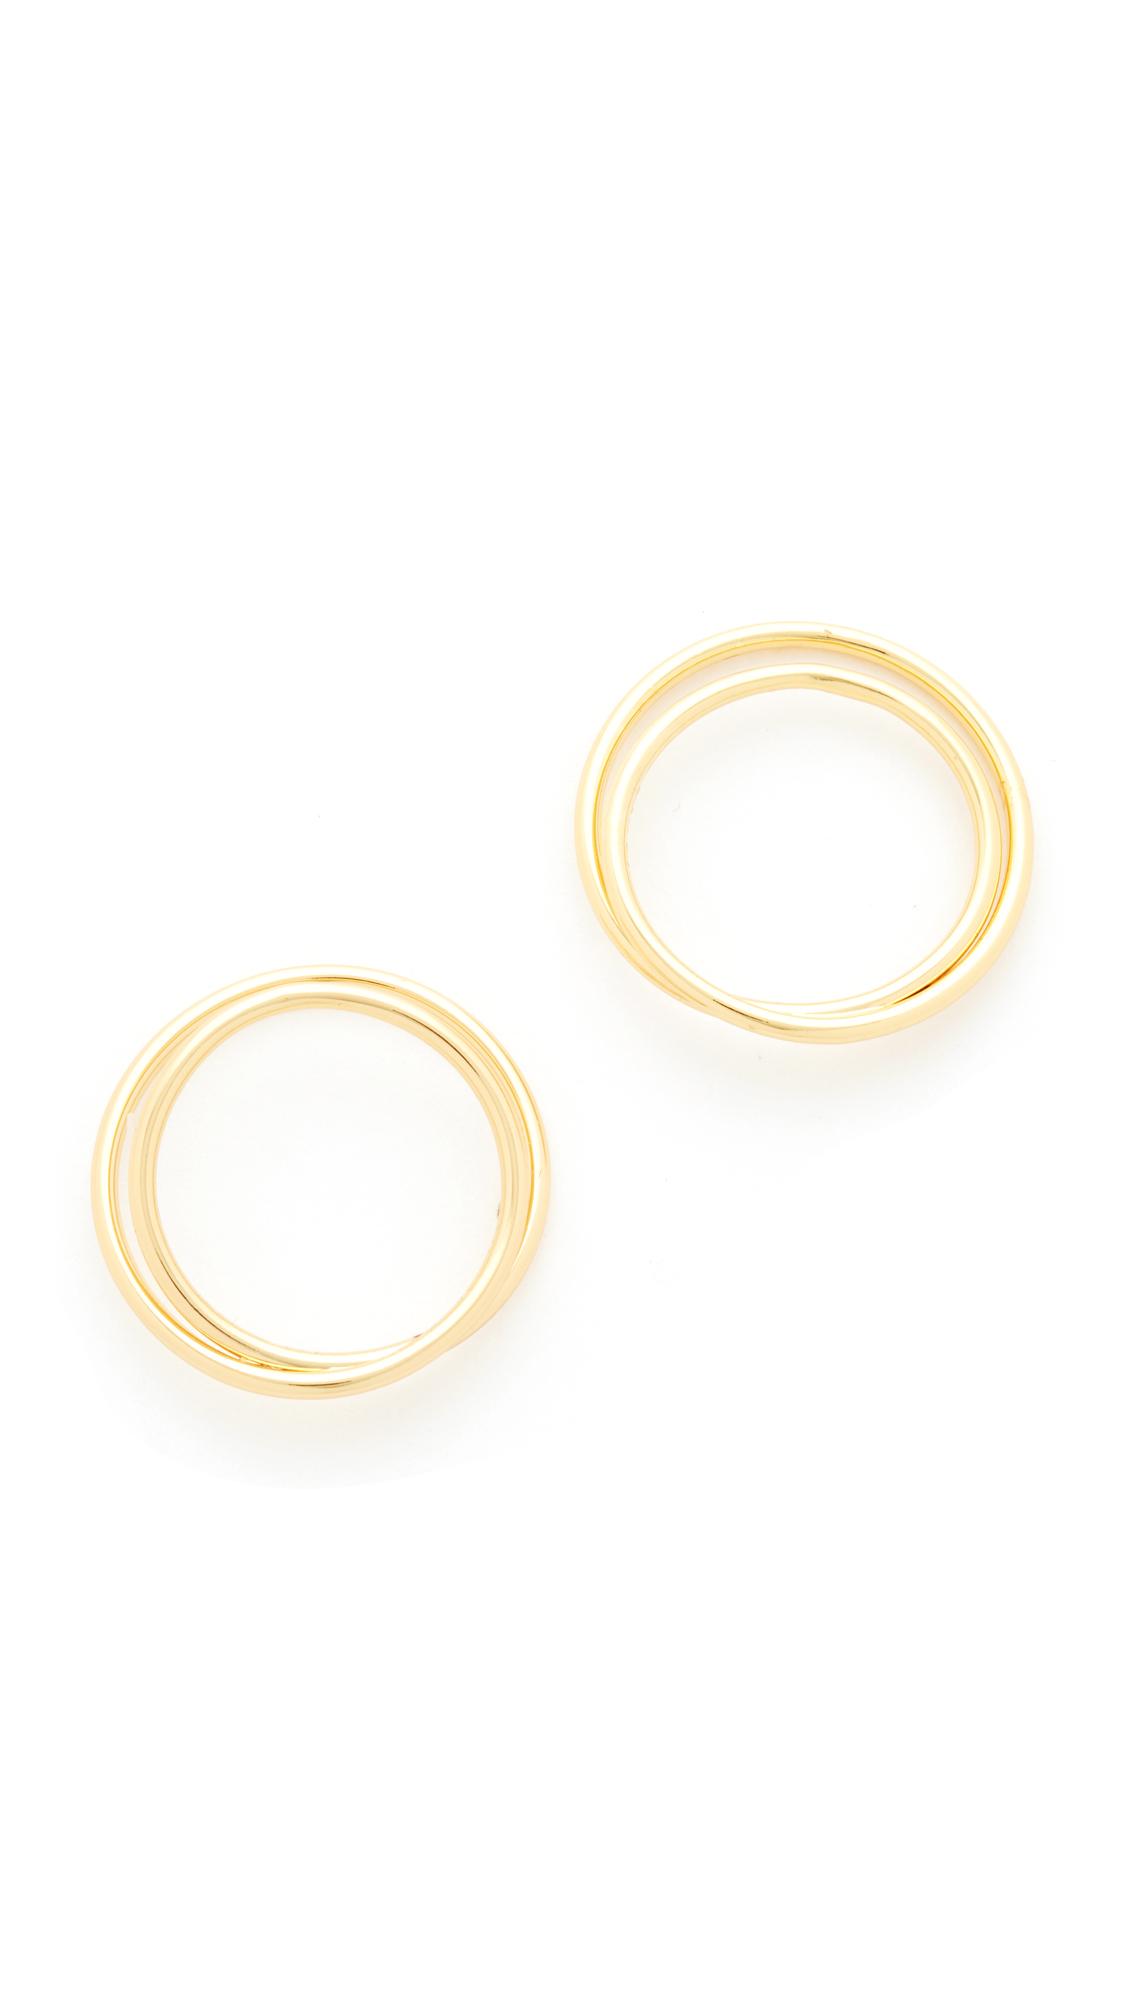 Amber Sceats Zajak Earrings - Gold